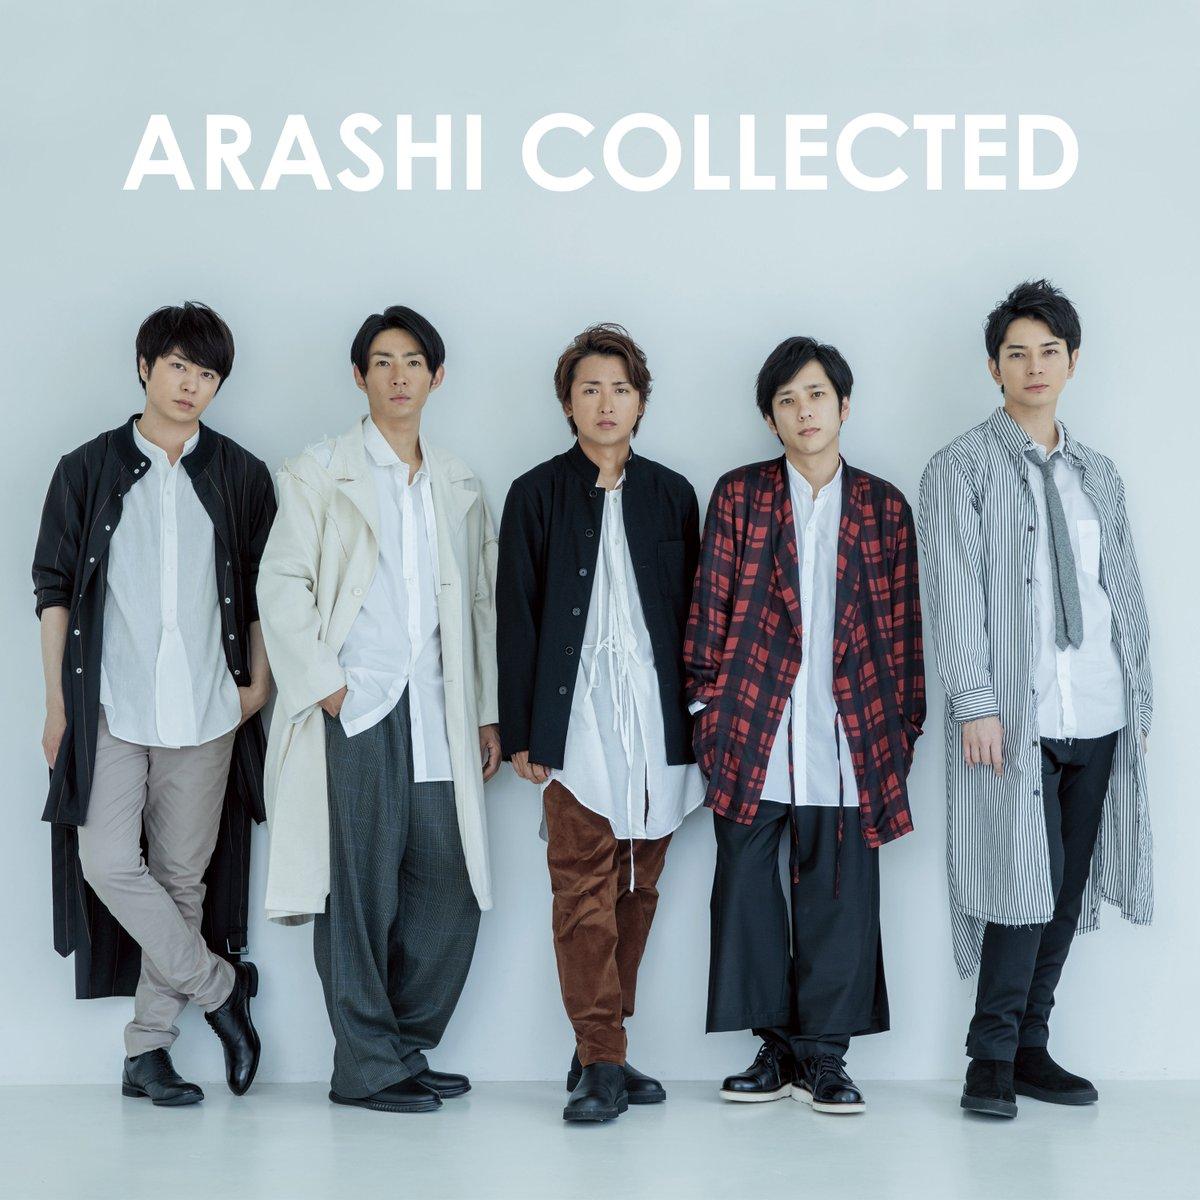 今すぐSpotifyで『ARASHI COLLECTEDプレイリスト』をお聴きください! Listen to the ARASHI COLLECTED Playlist on @Spotify now!  #嵐 #ARASHI